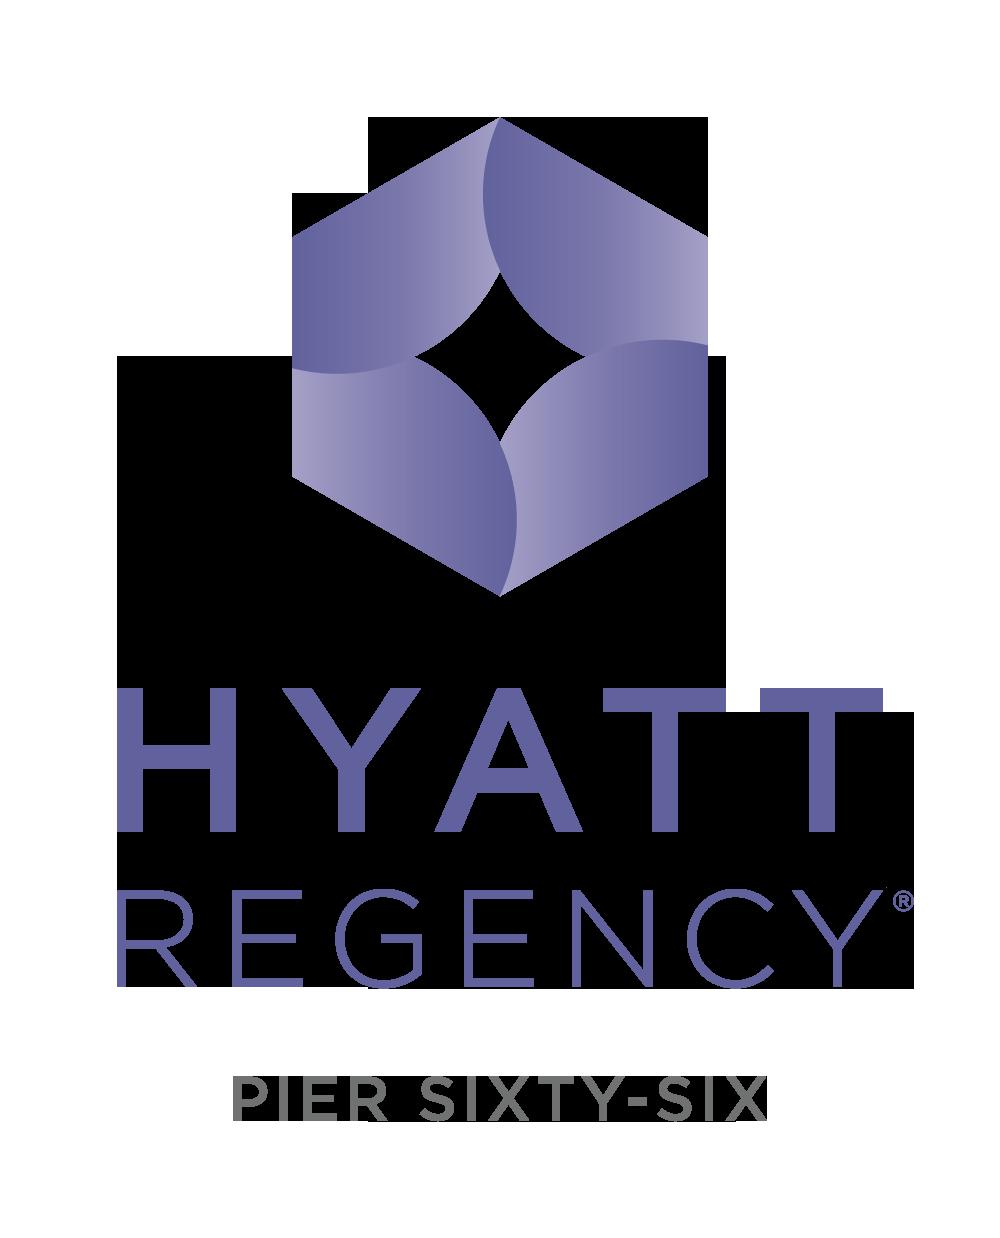 Hyatt Regency Pier Sixty-Six logo